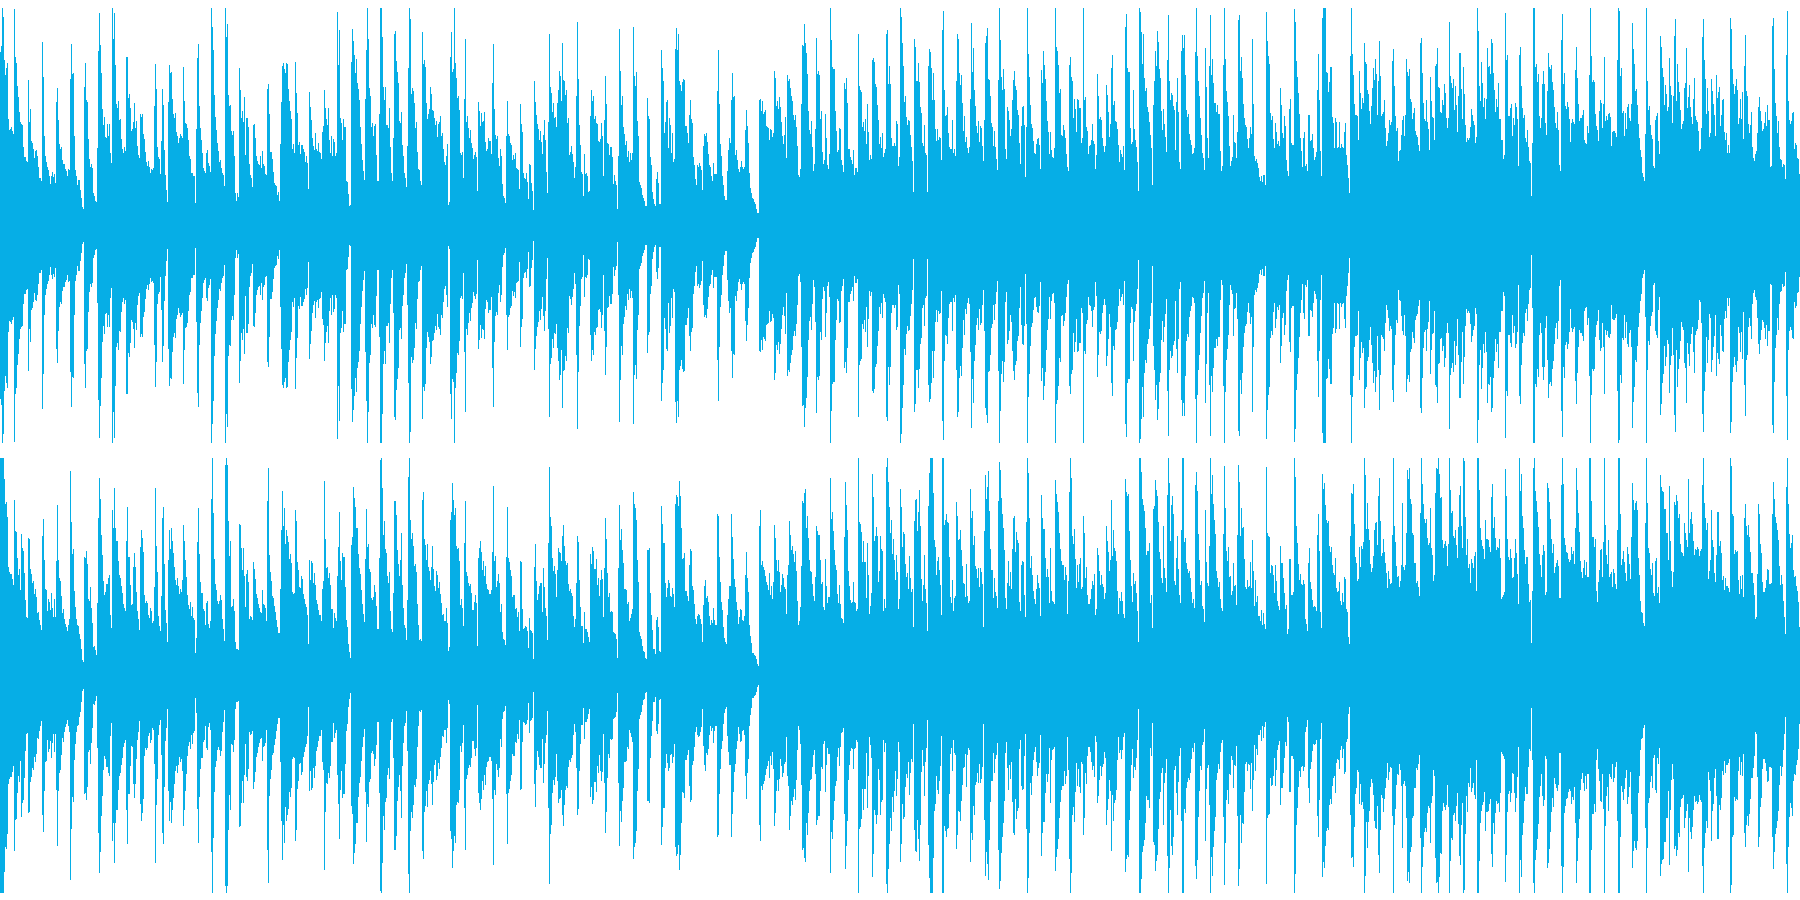 マヌケな雰囲気の脱力リコーダー※ループ版の再生済みの波形